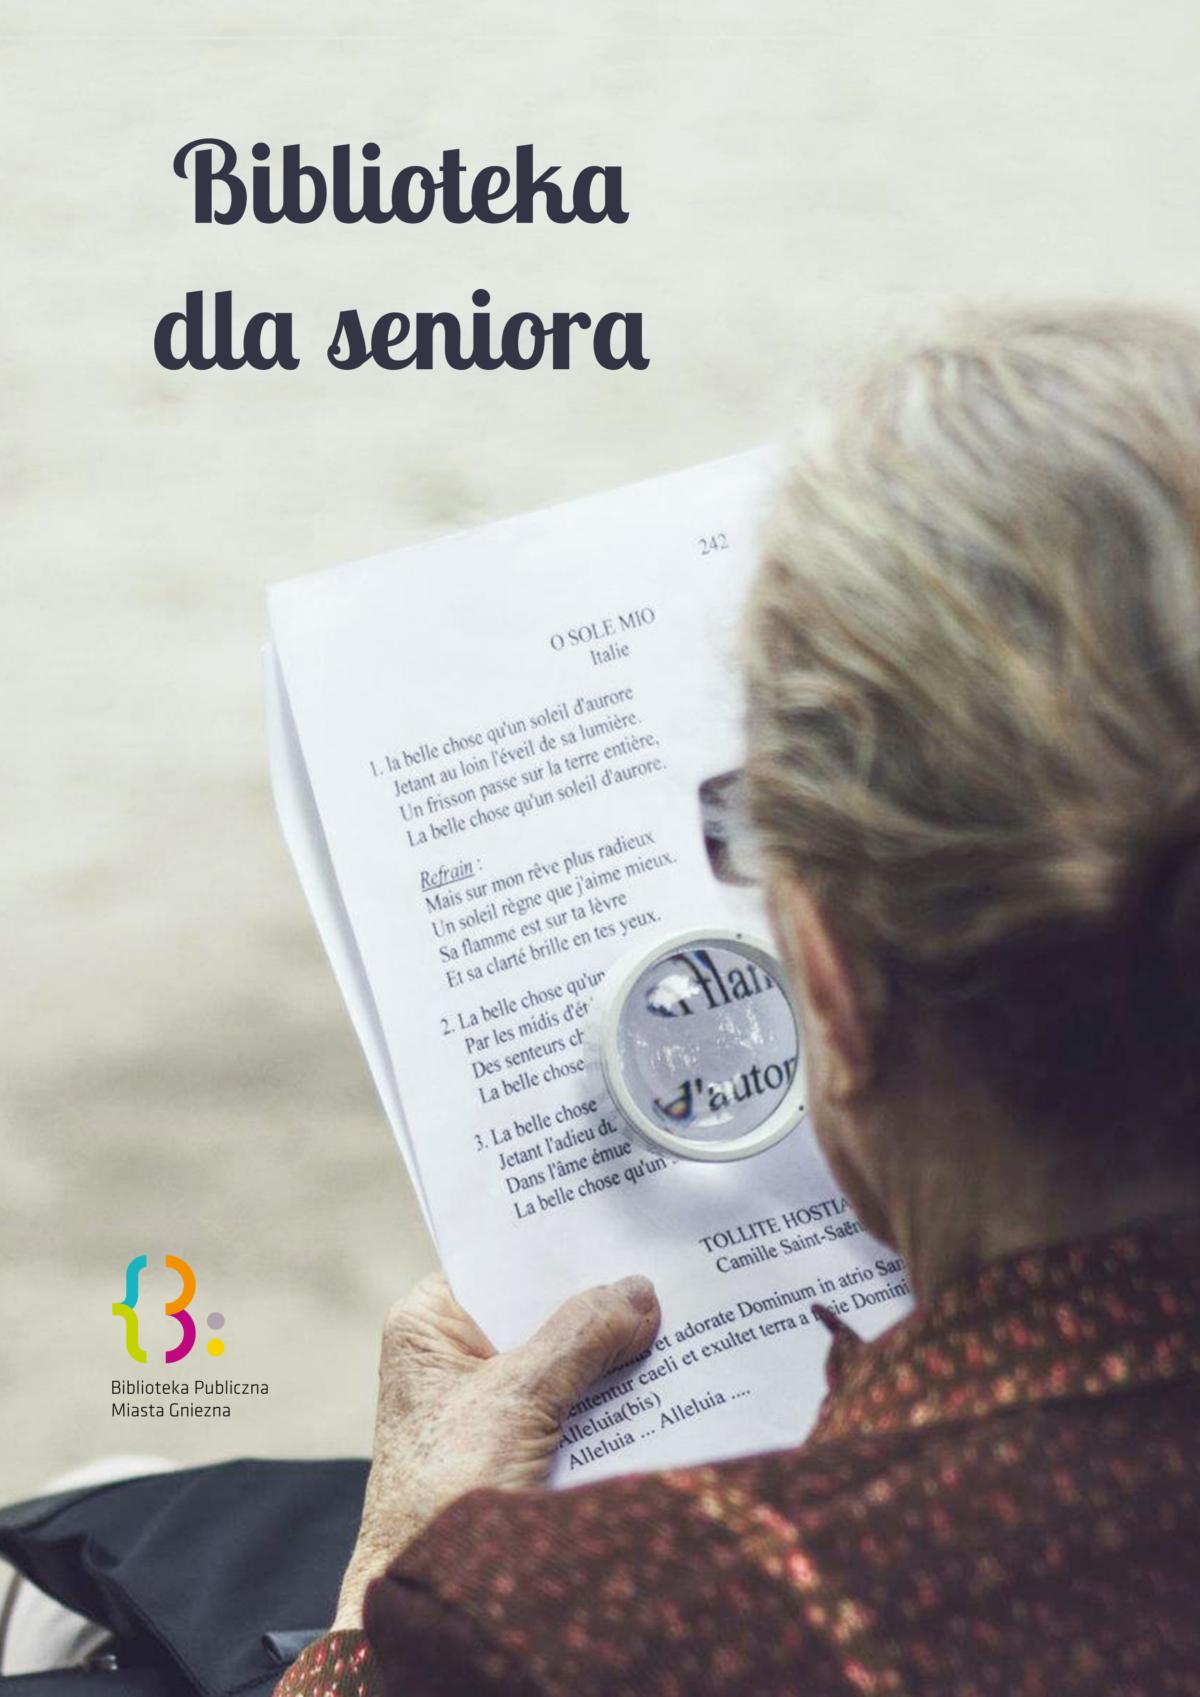 Juniorzy i seniorzy – dwa pokolenia w przestrzeni biblioteki